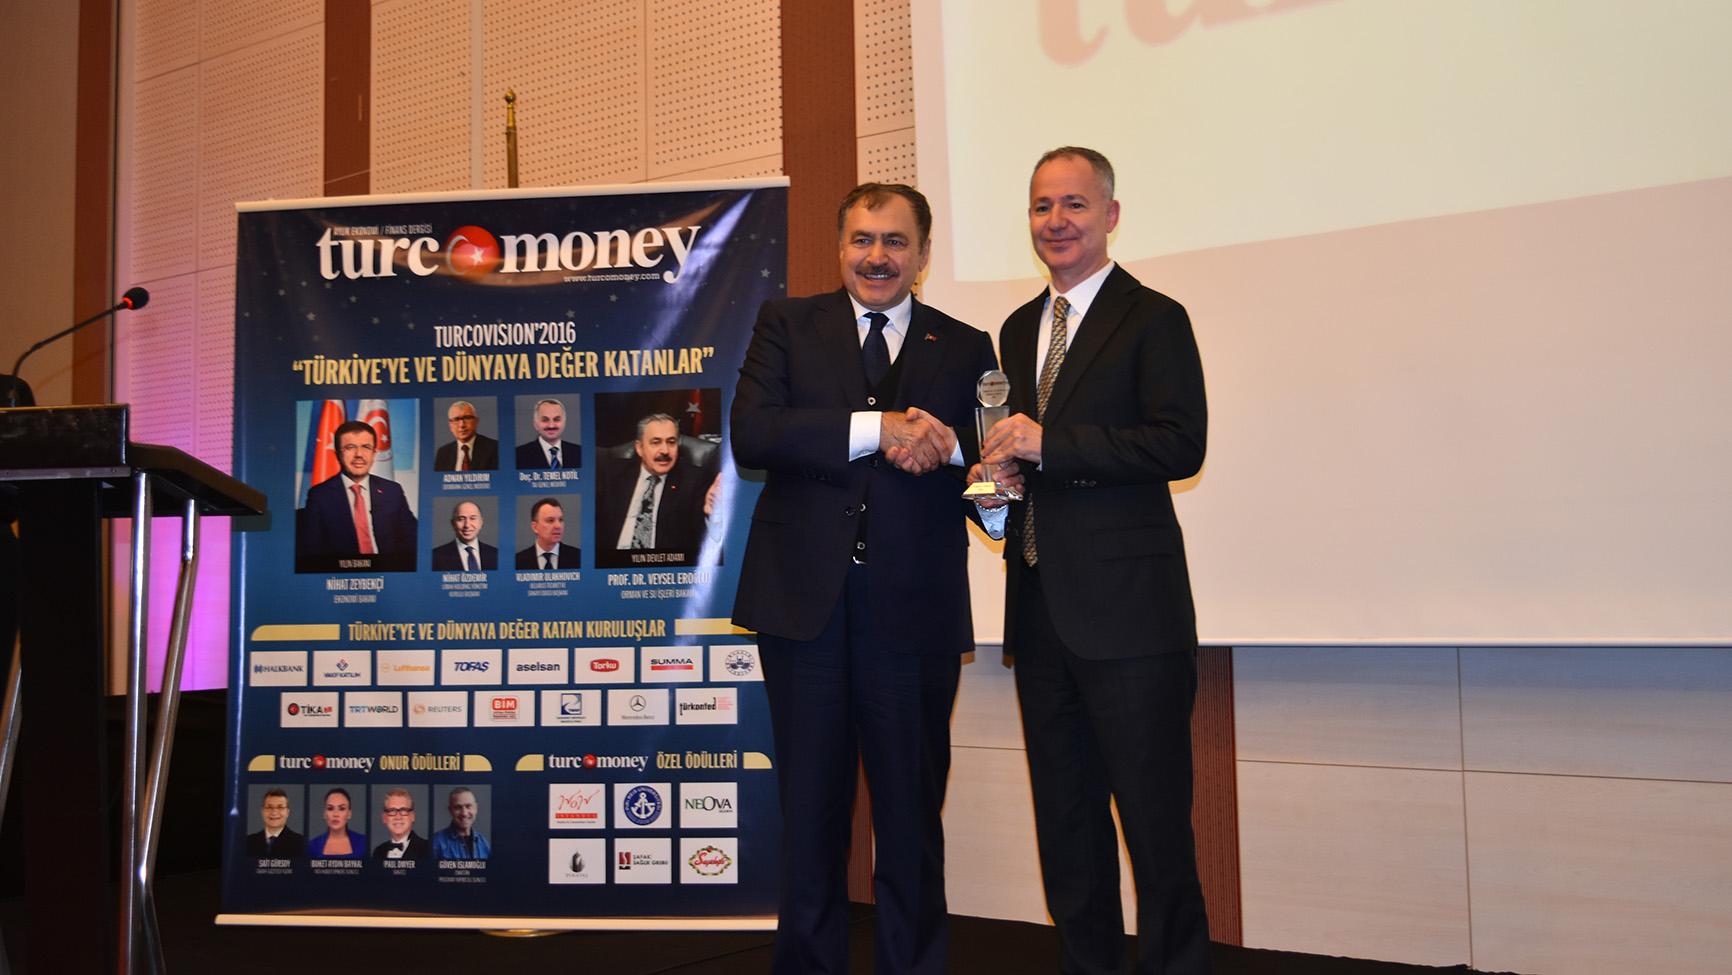 Pîrî Reis Üniversitesi'ne Turco Vision özel ödülü verildi